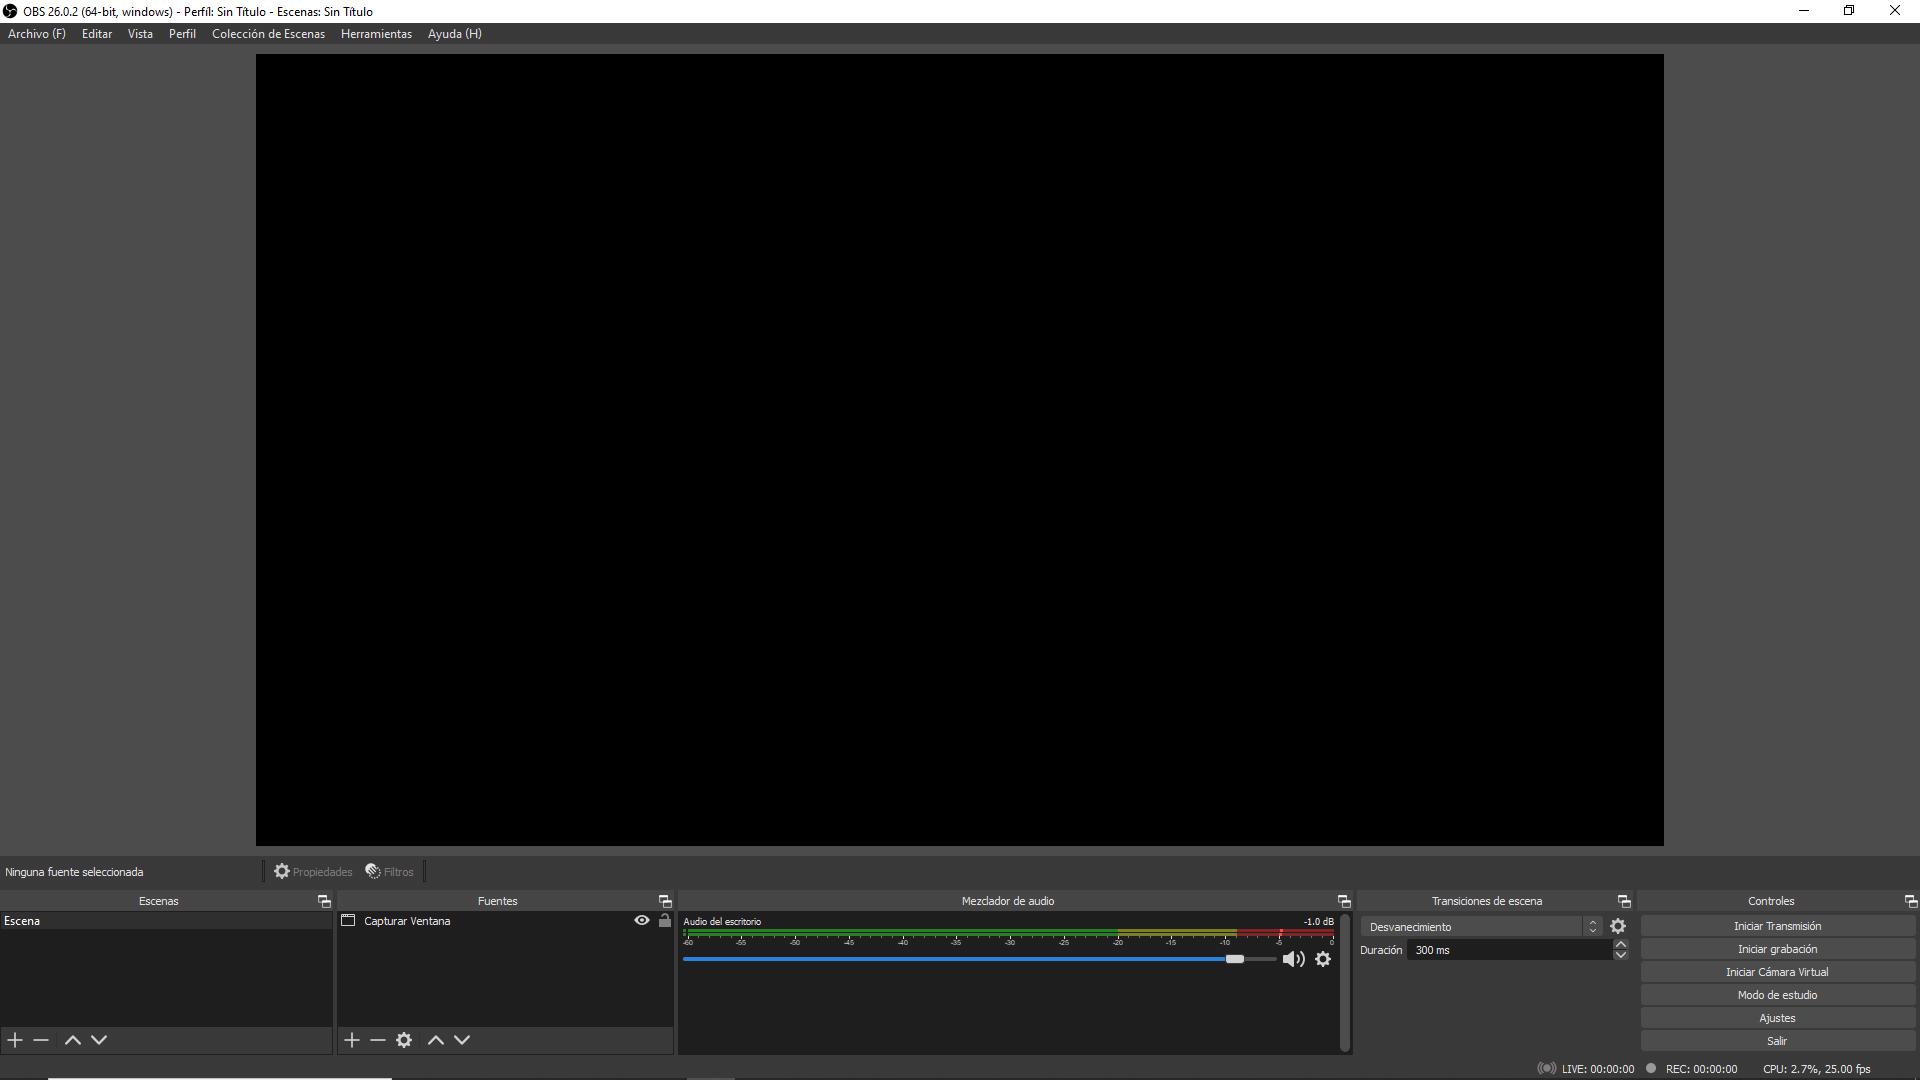 ¿Por qué OBS sólo me muestra una pantalla negra?